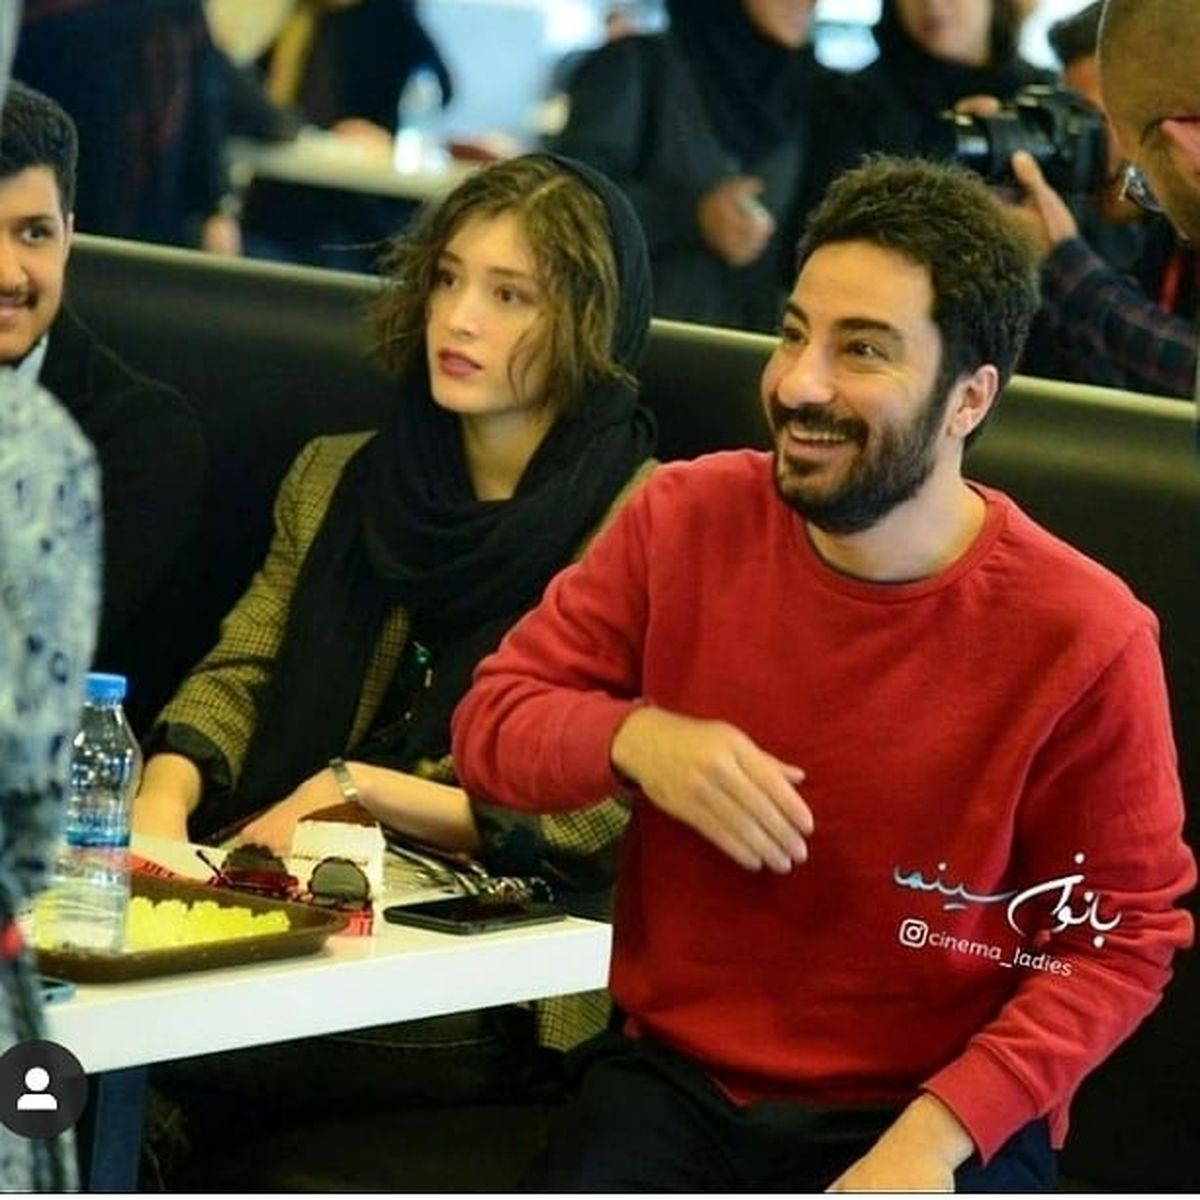 چهره عجیب و غریب فرشته حسینی در اینستاگرام نوید محمدزاده + عکس